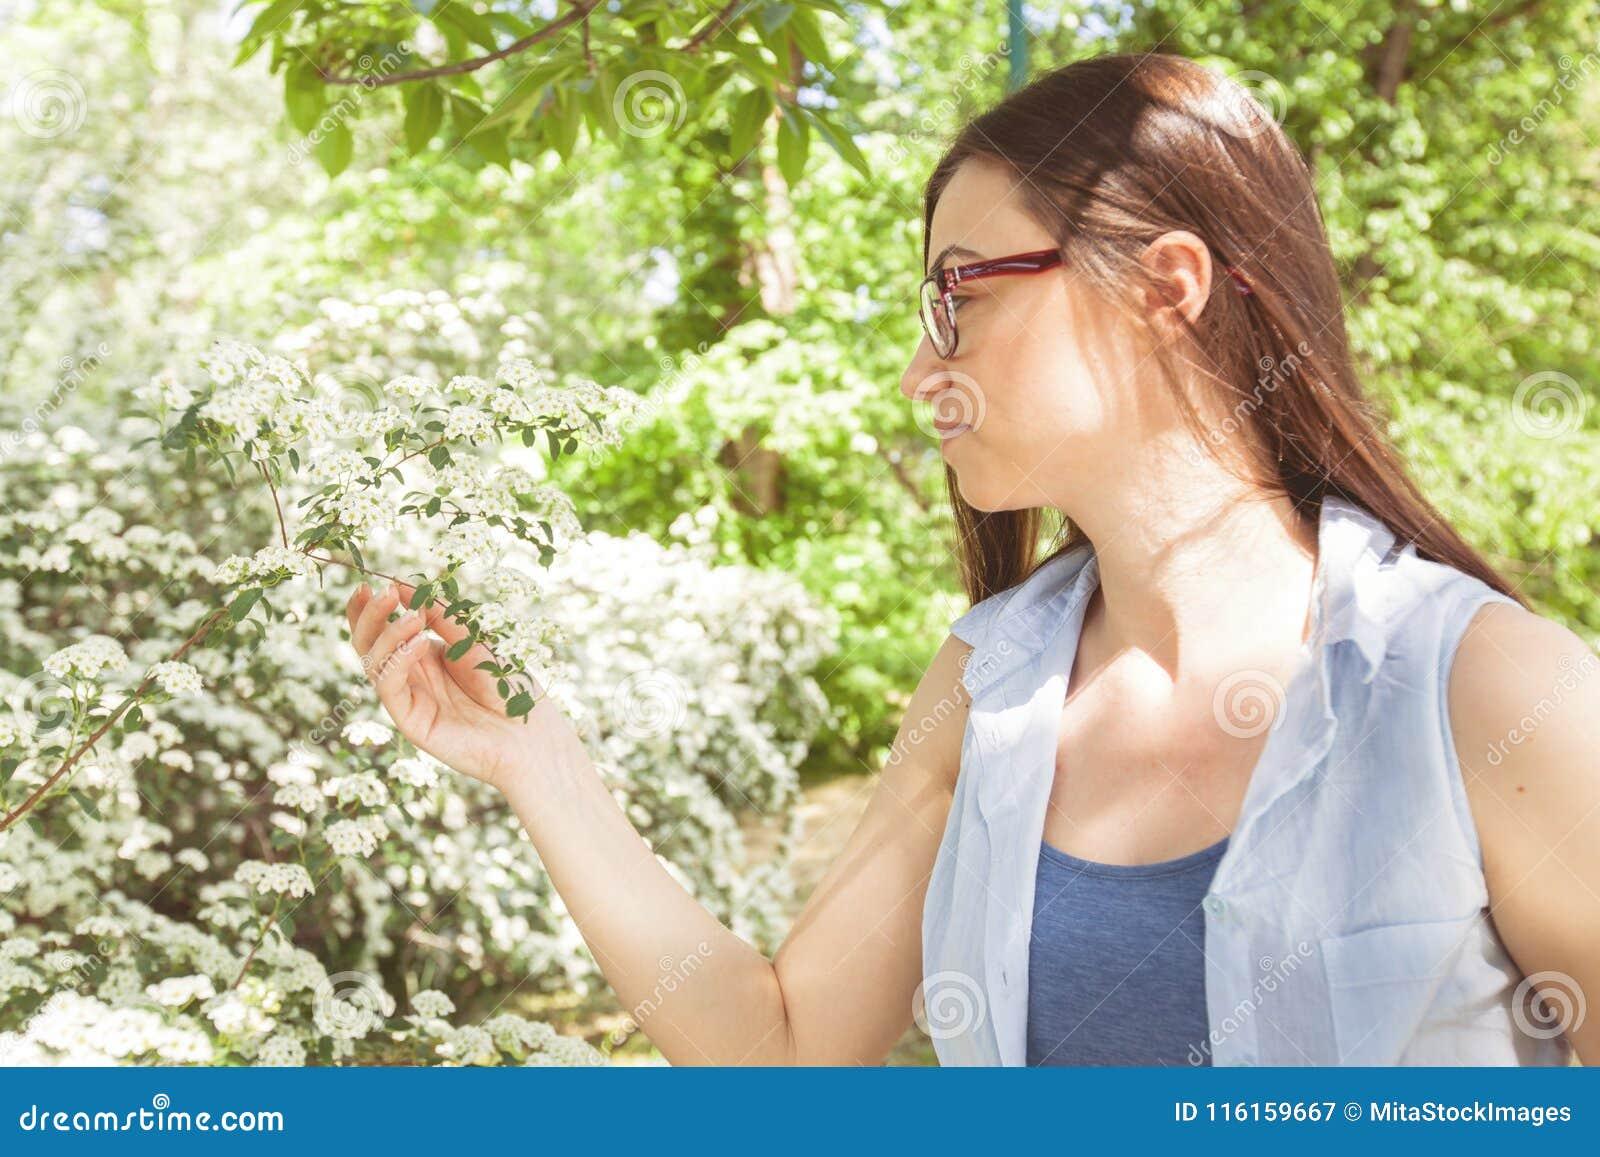 Schönes sinnliches frisches Frauen-Natur-Porträt